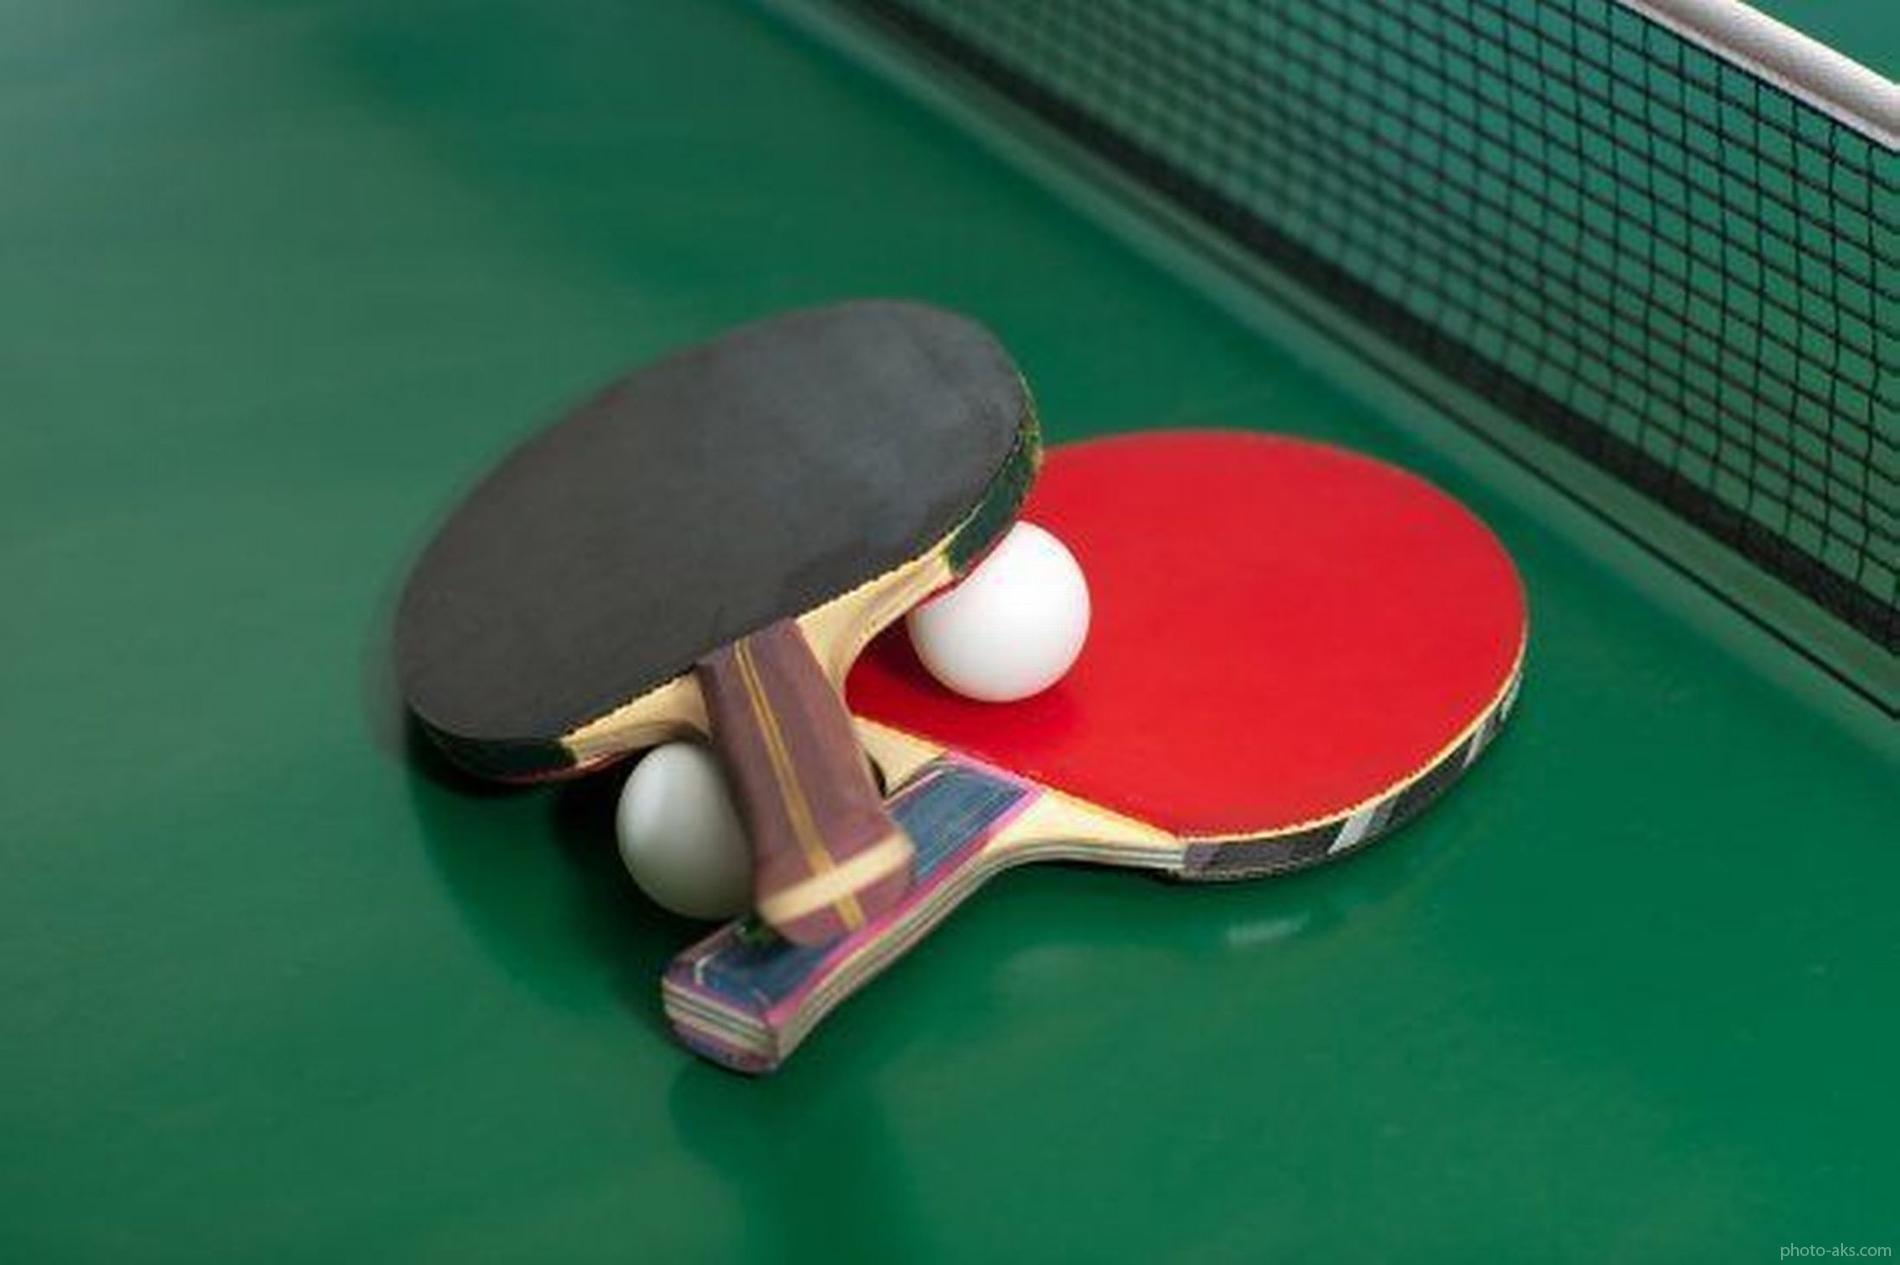 باشگاه خبرنگاران -جلسه هماهنگی لیگ برتر تنیس روی میز برگزار شد